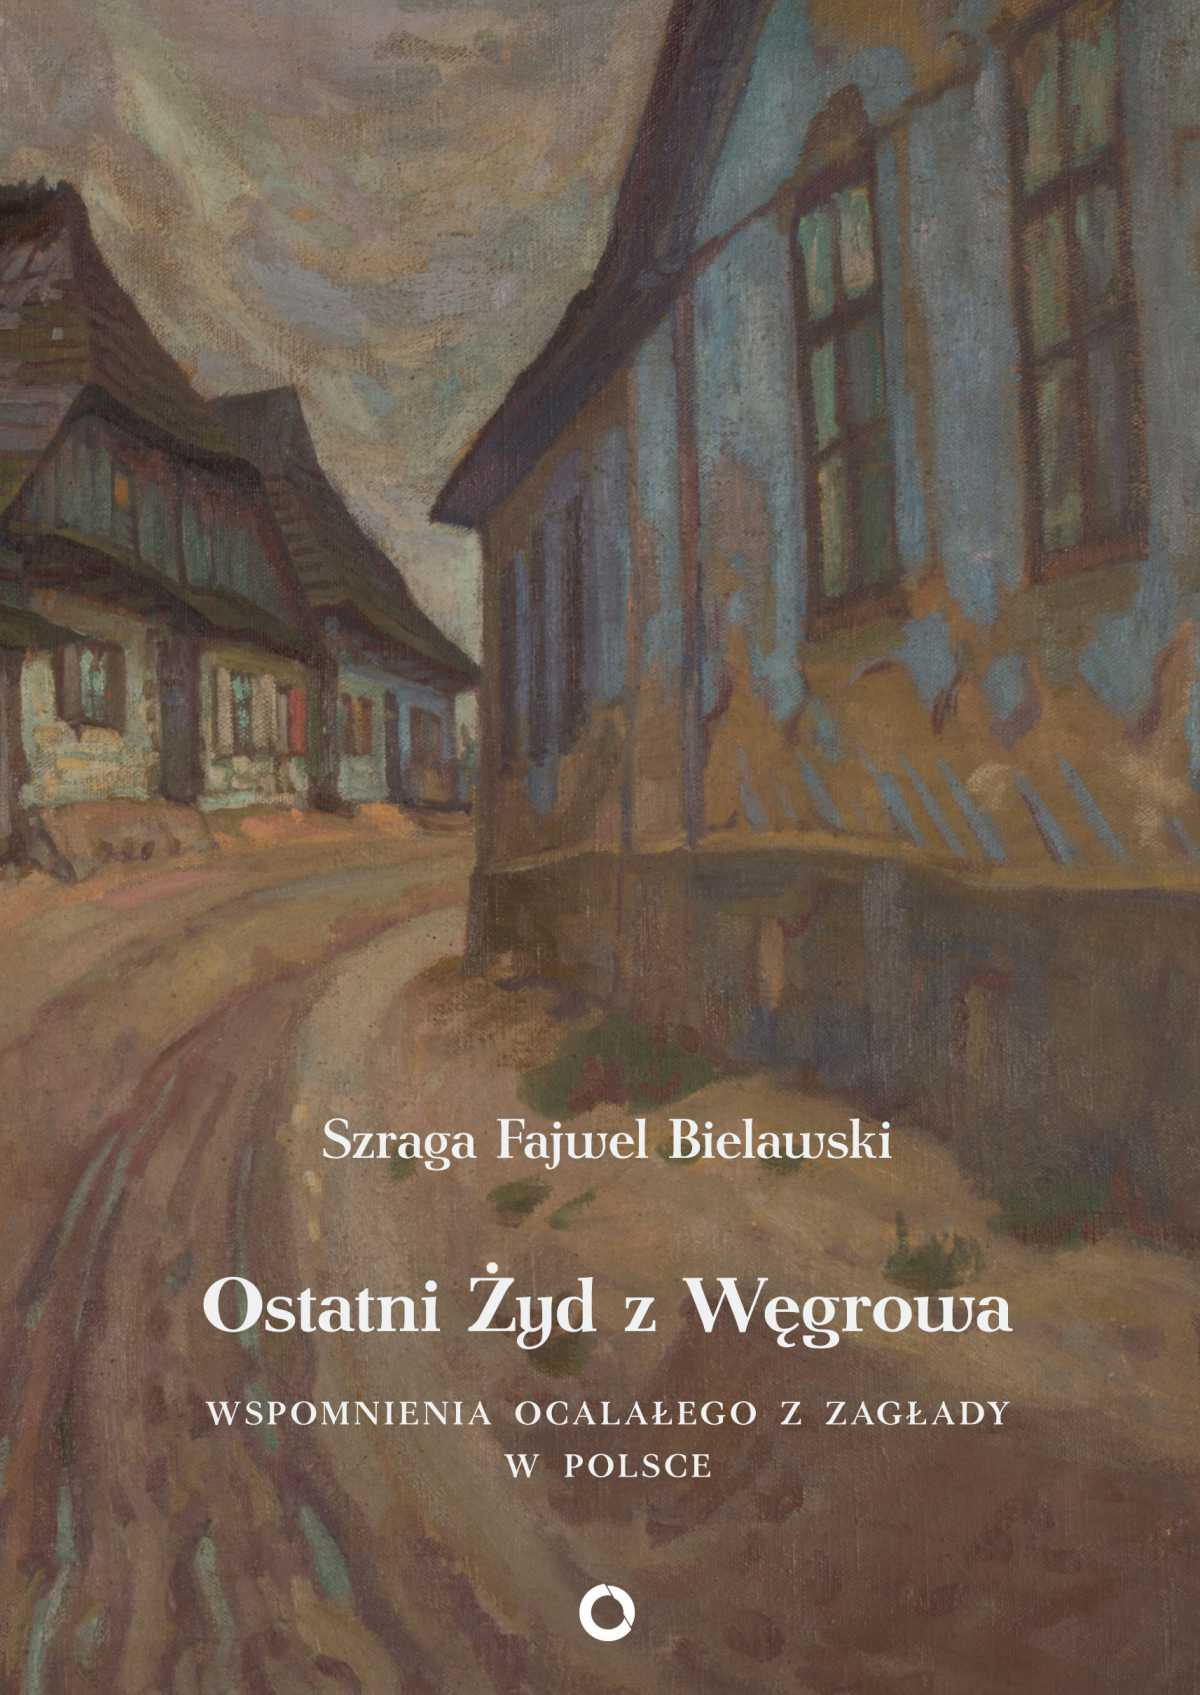 Ostatni Żyd z Węgrowa. Wspomnienia ocalałego z Zagłady - Ebook (Książka na Kindle) do pobrania w formacie MOBI